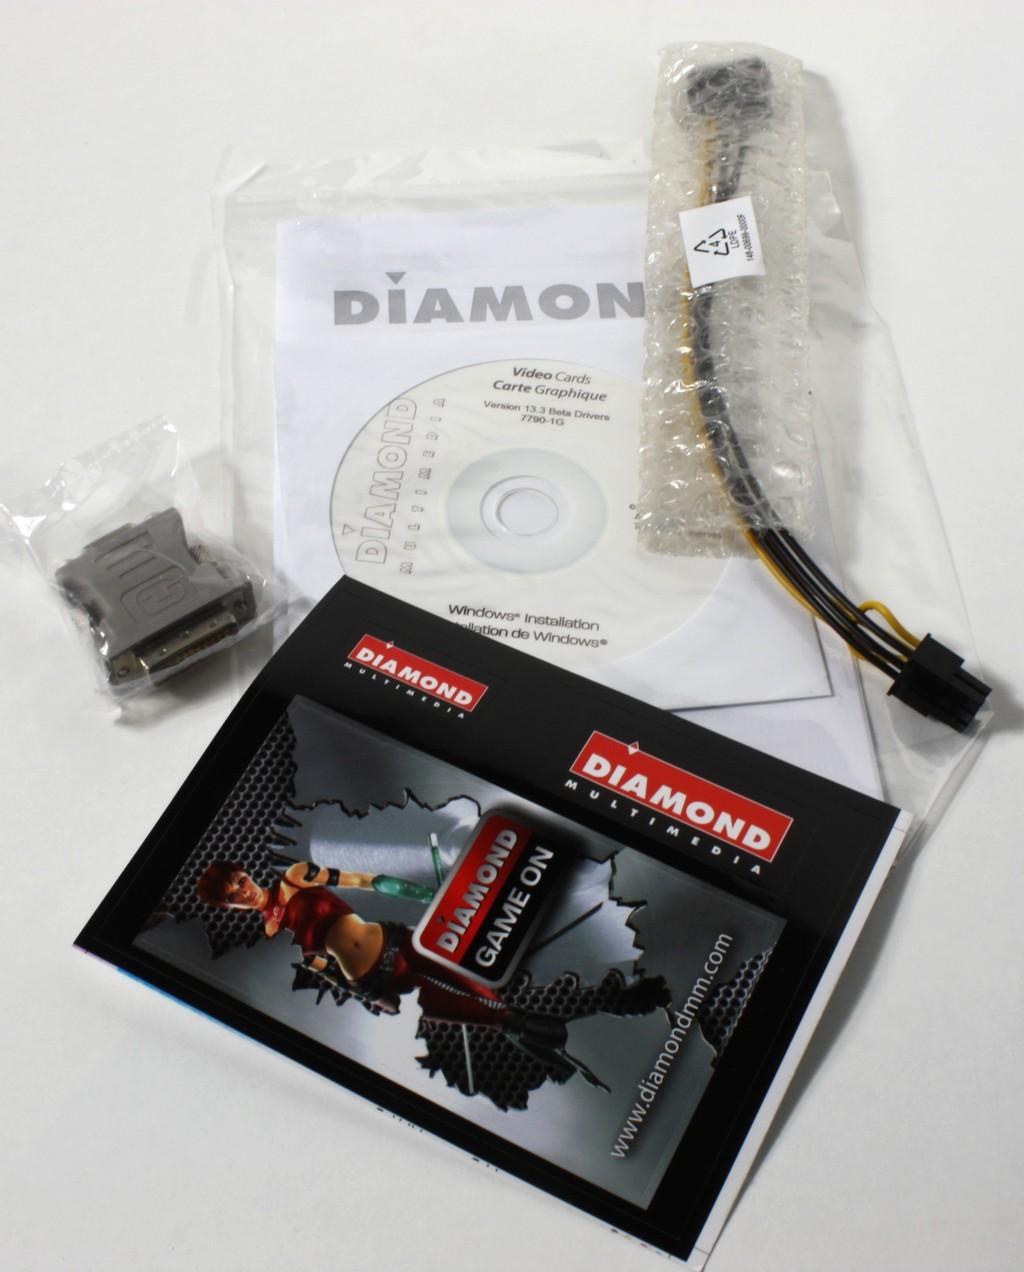 Diamond 7790 5